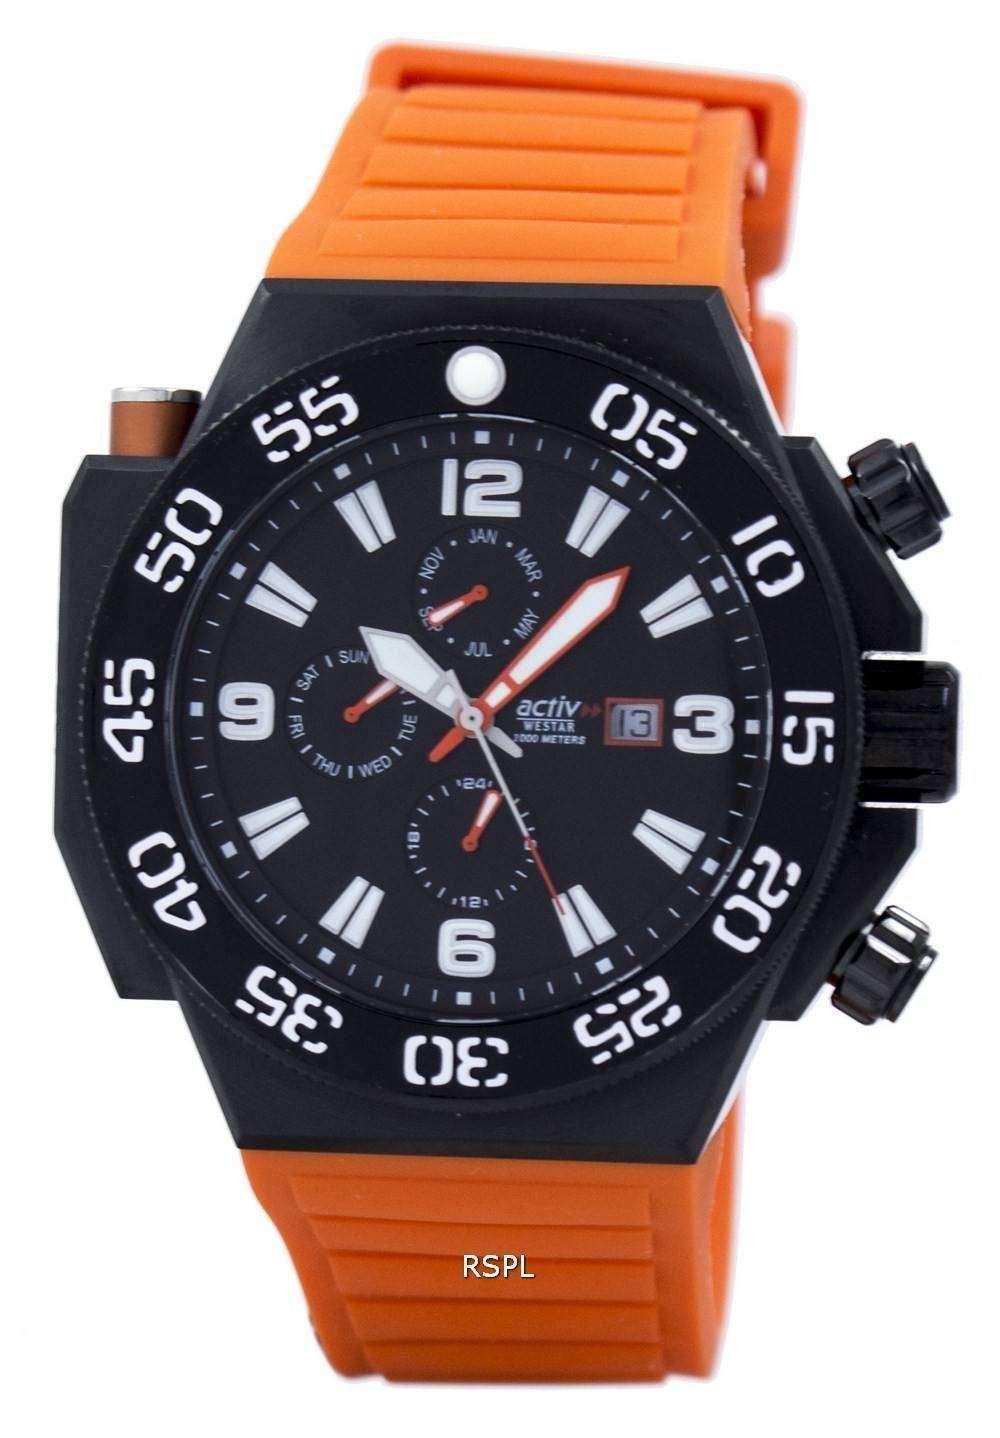 ウェスター クオーツ 1000 M 90075BBN883 メンズ腕時計